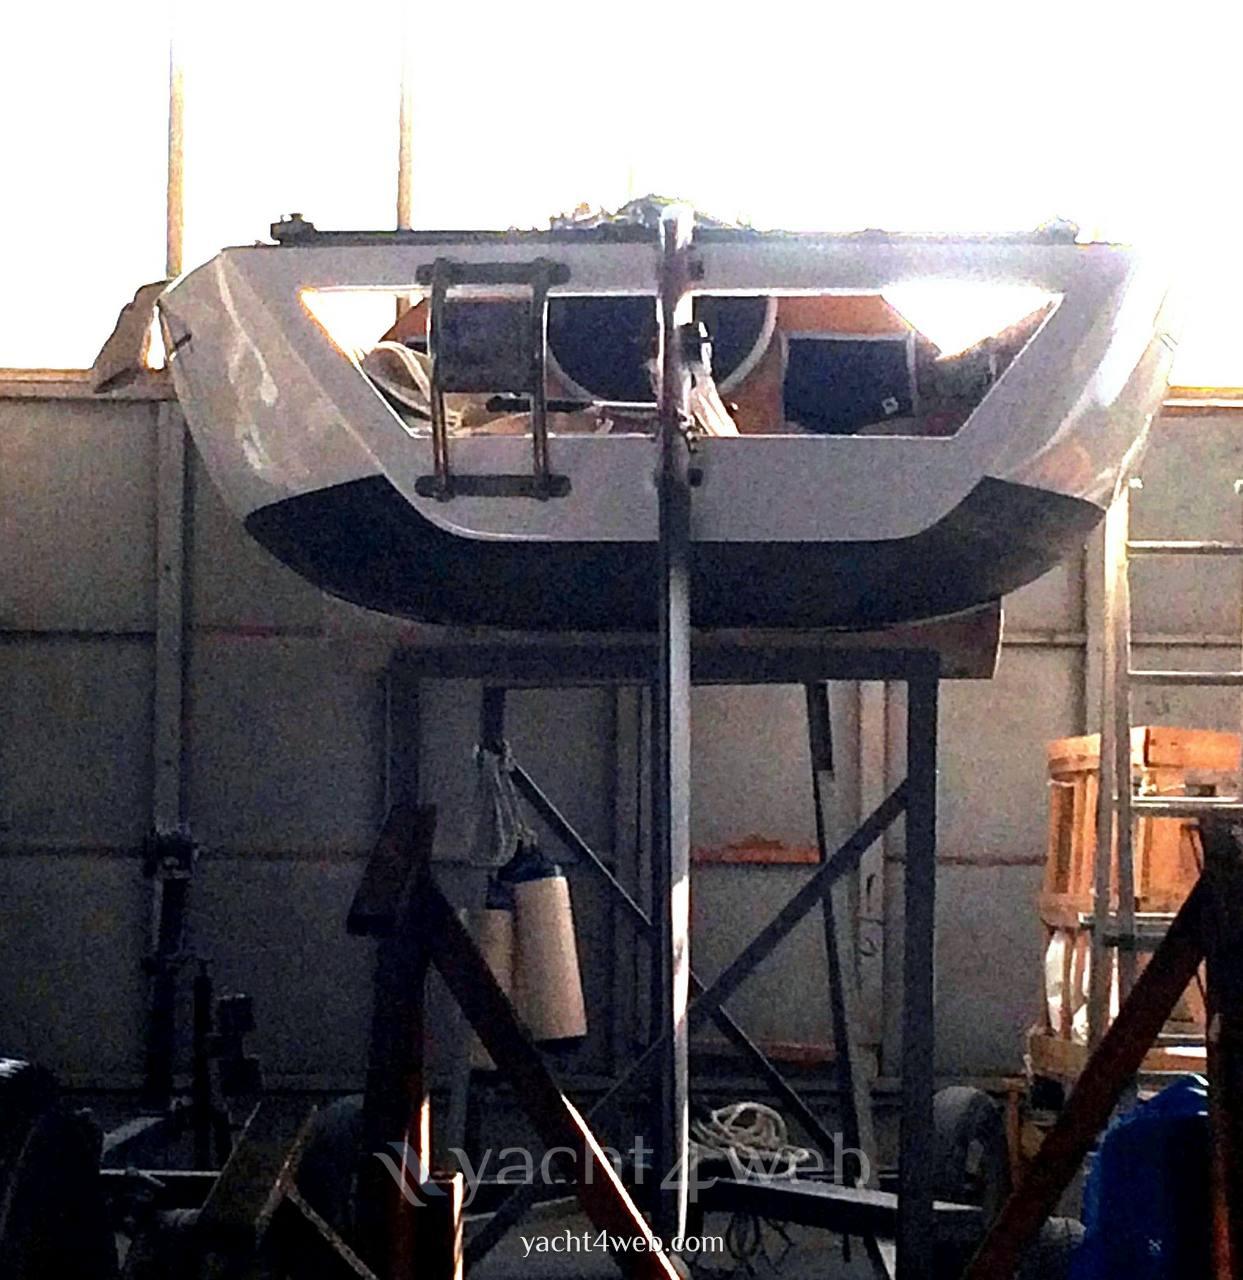 Mastro-d-ascia Spectre 20 day sailer sailing boat